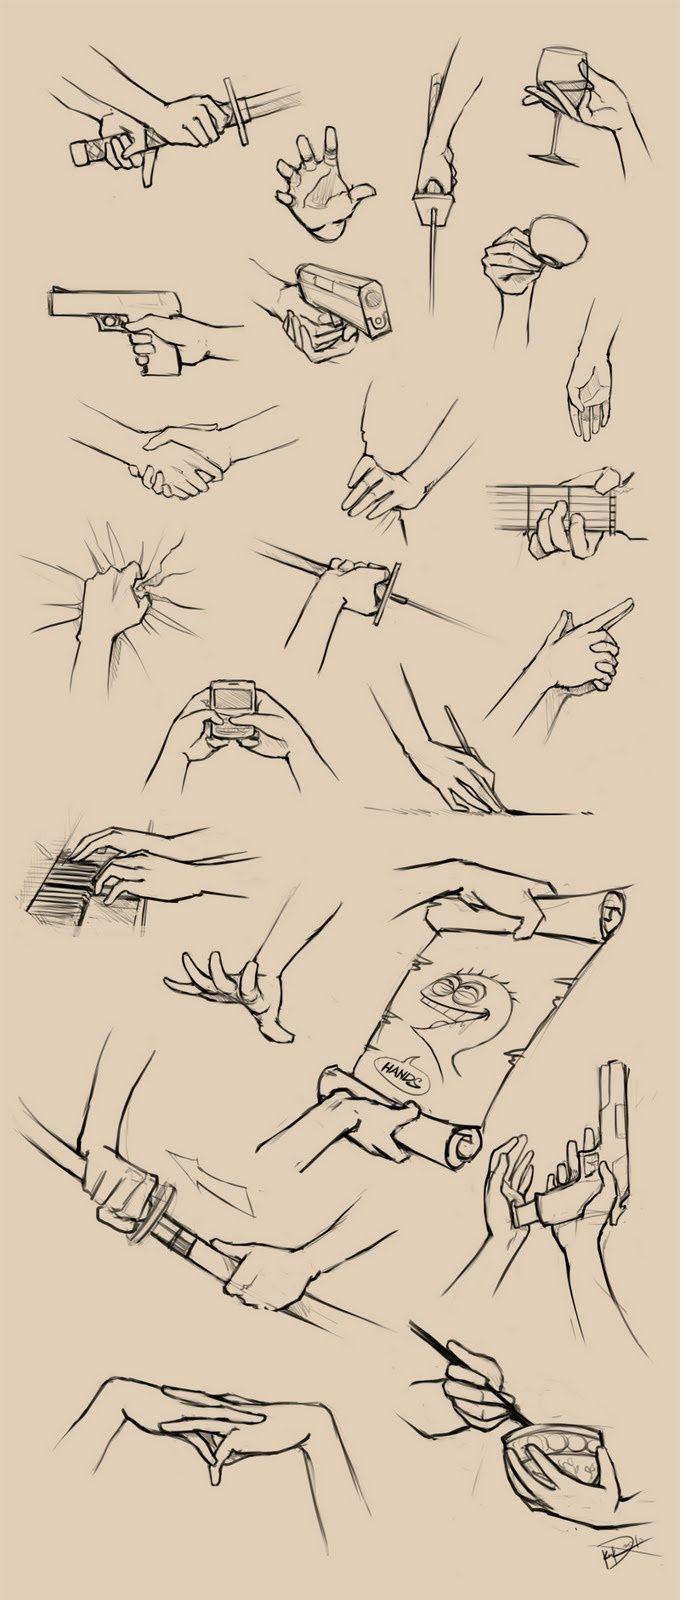 Como desenhar mãos segurando um monte de coisas.